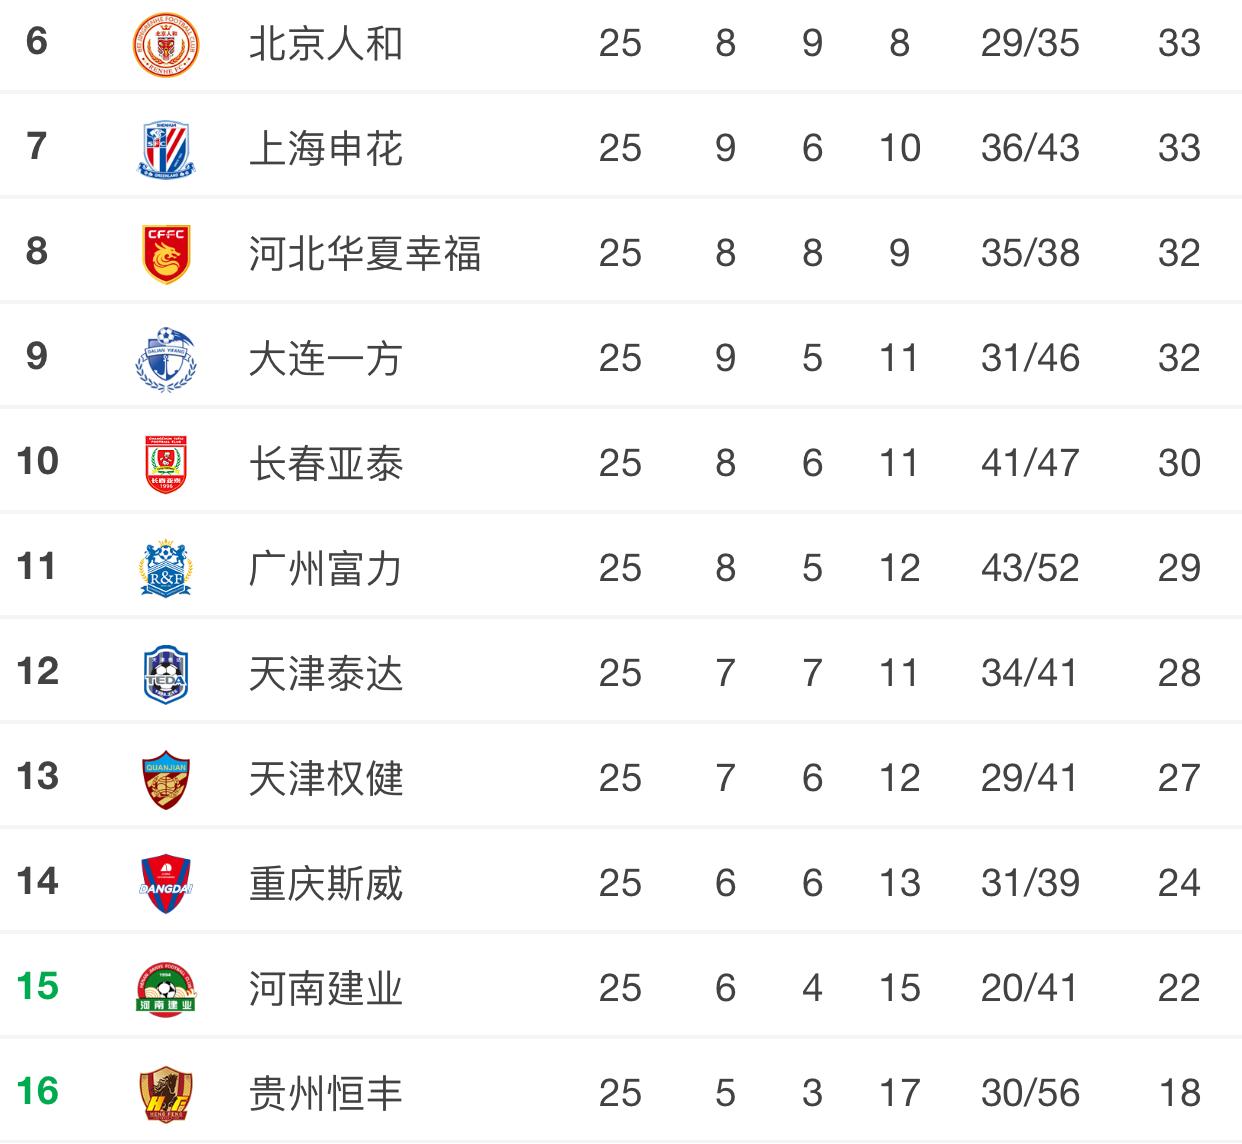 中超保级形势:贵州成降级热门 重庆2分领先降级区